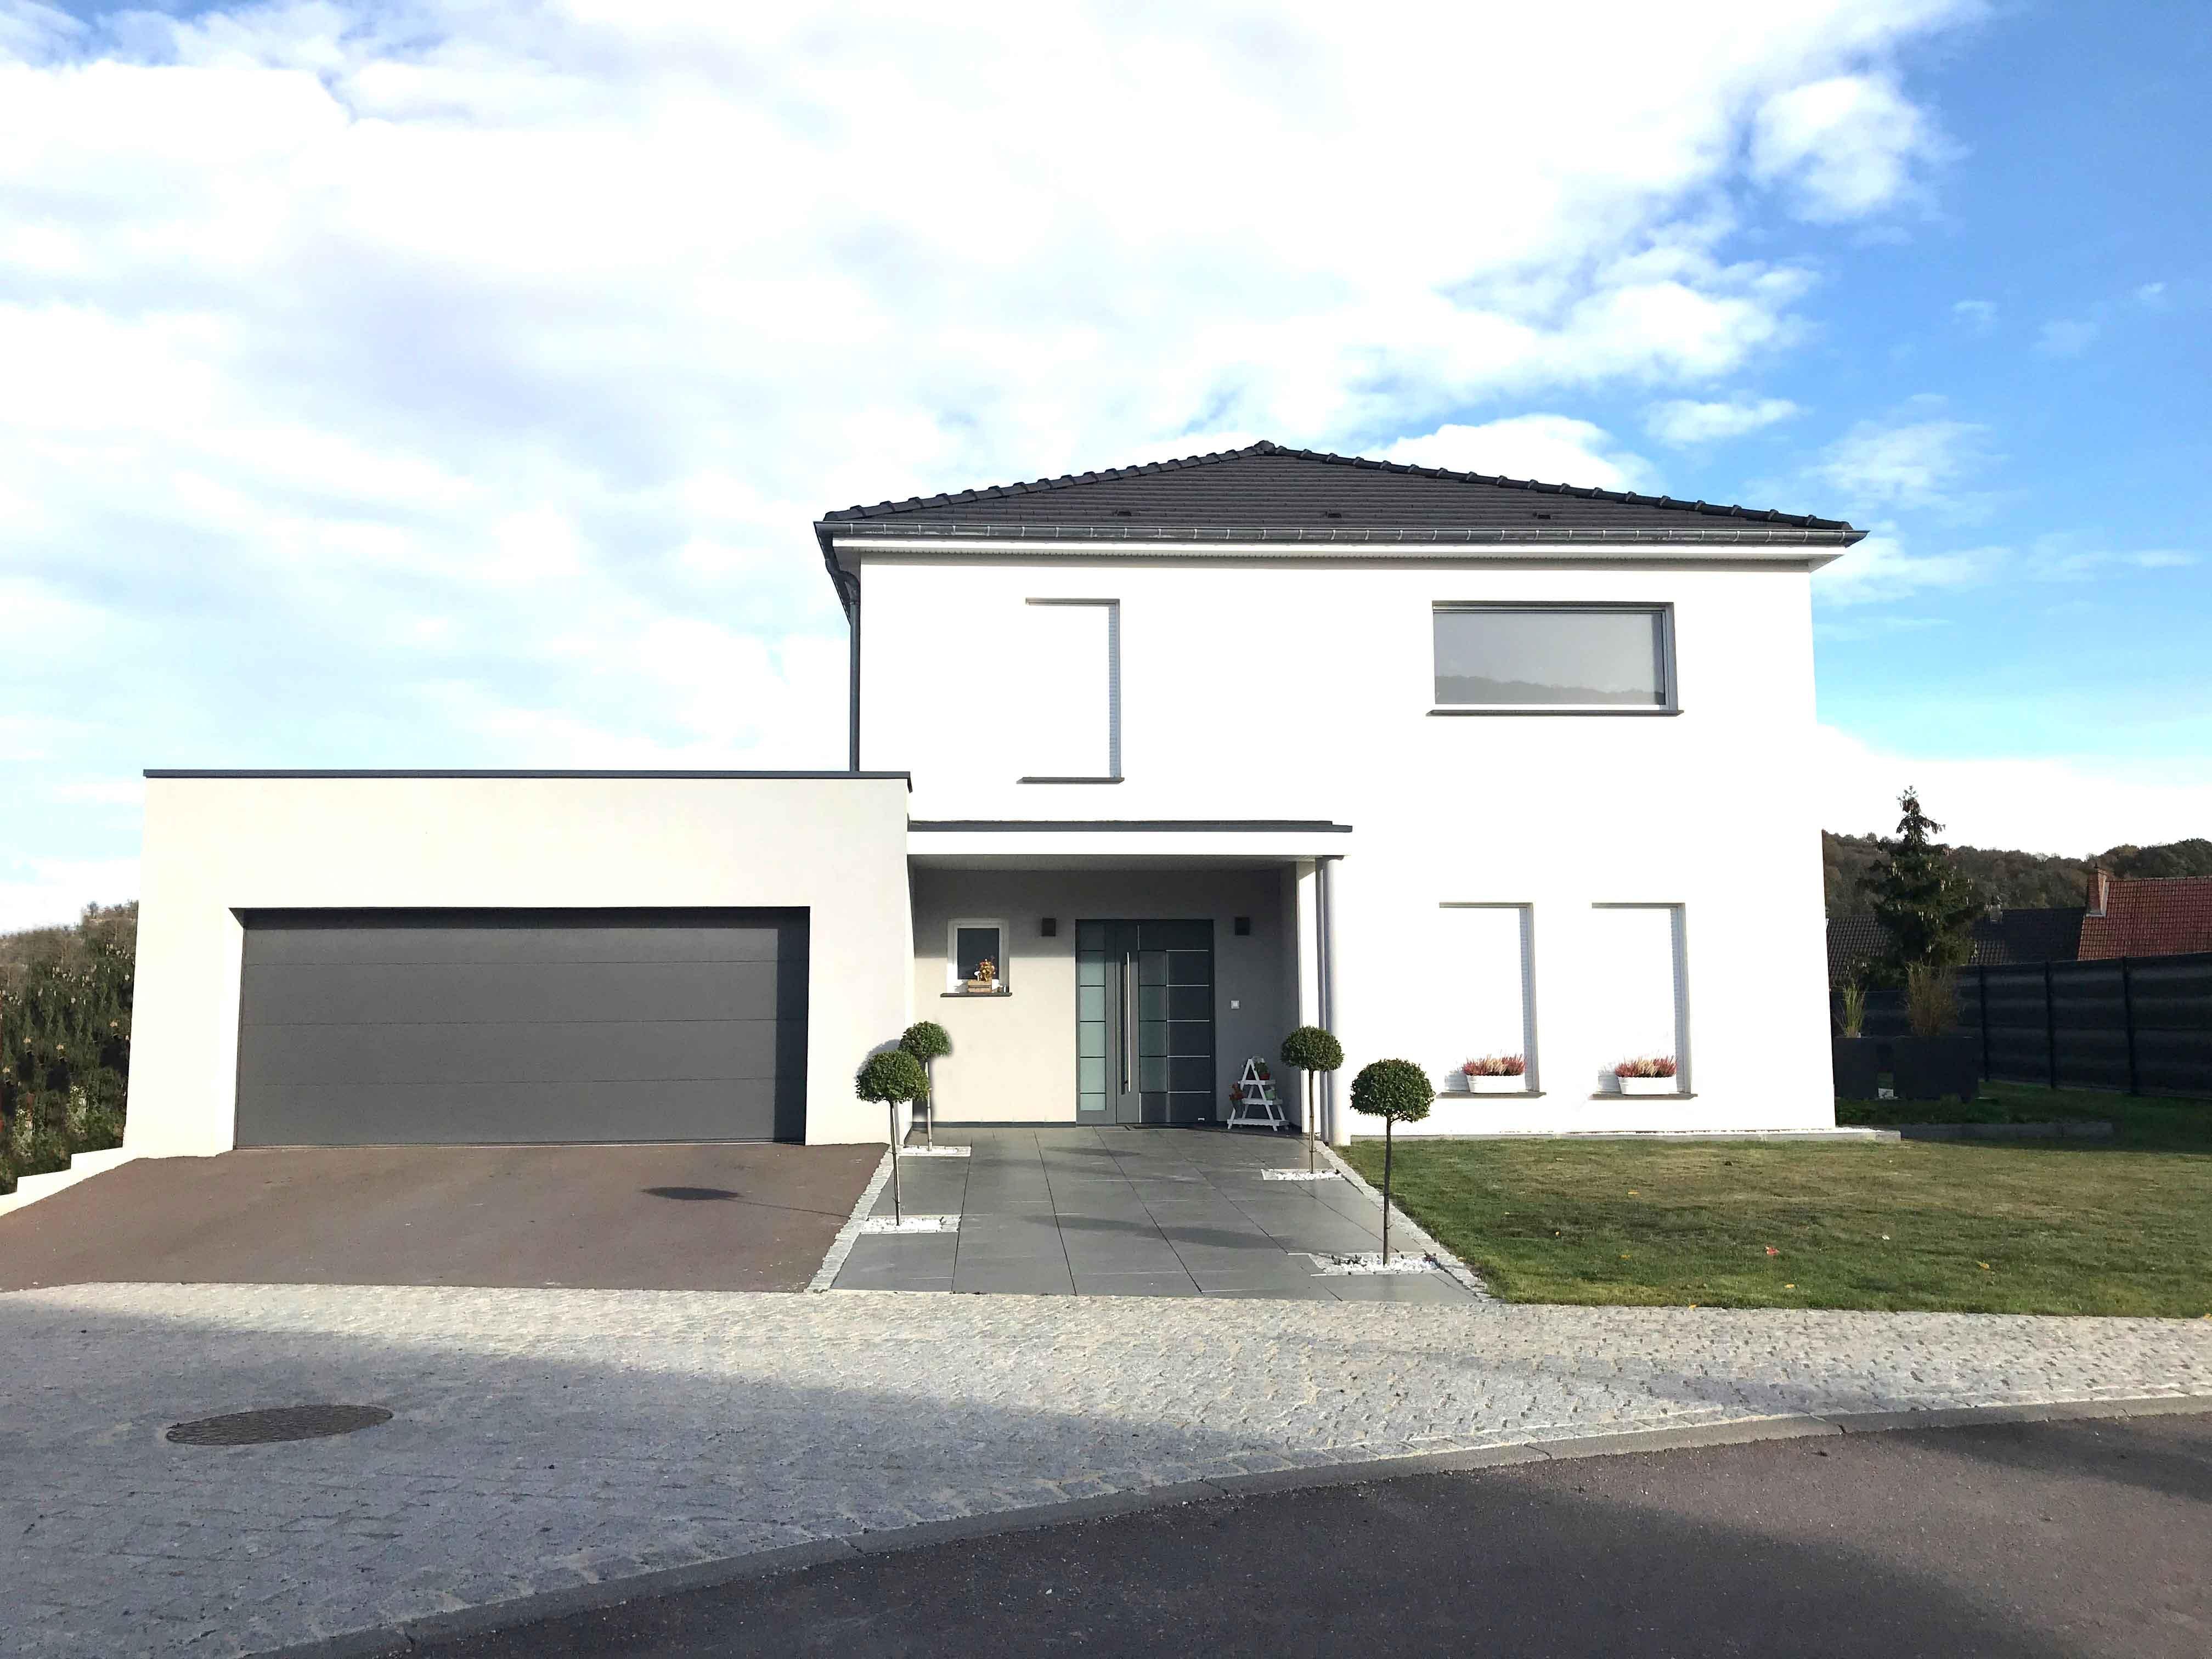 Maison neuve avec Porte et volets Aluminium FERMAP